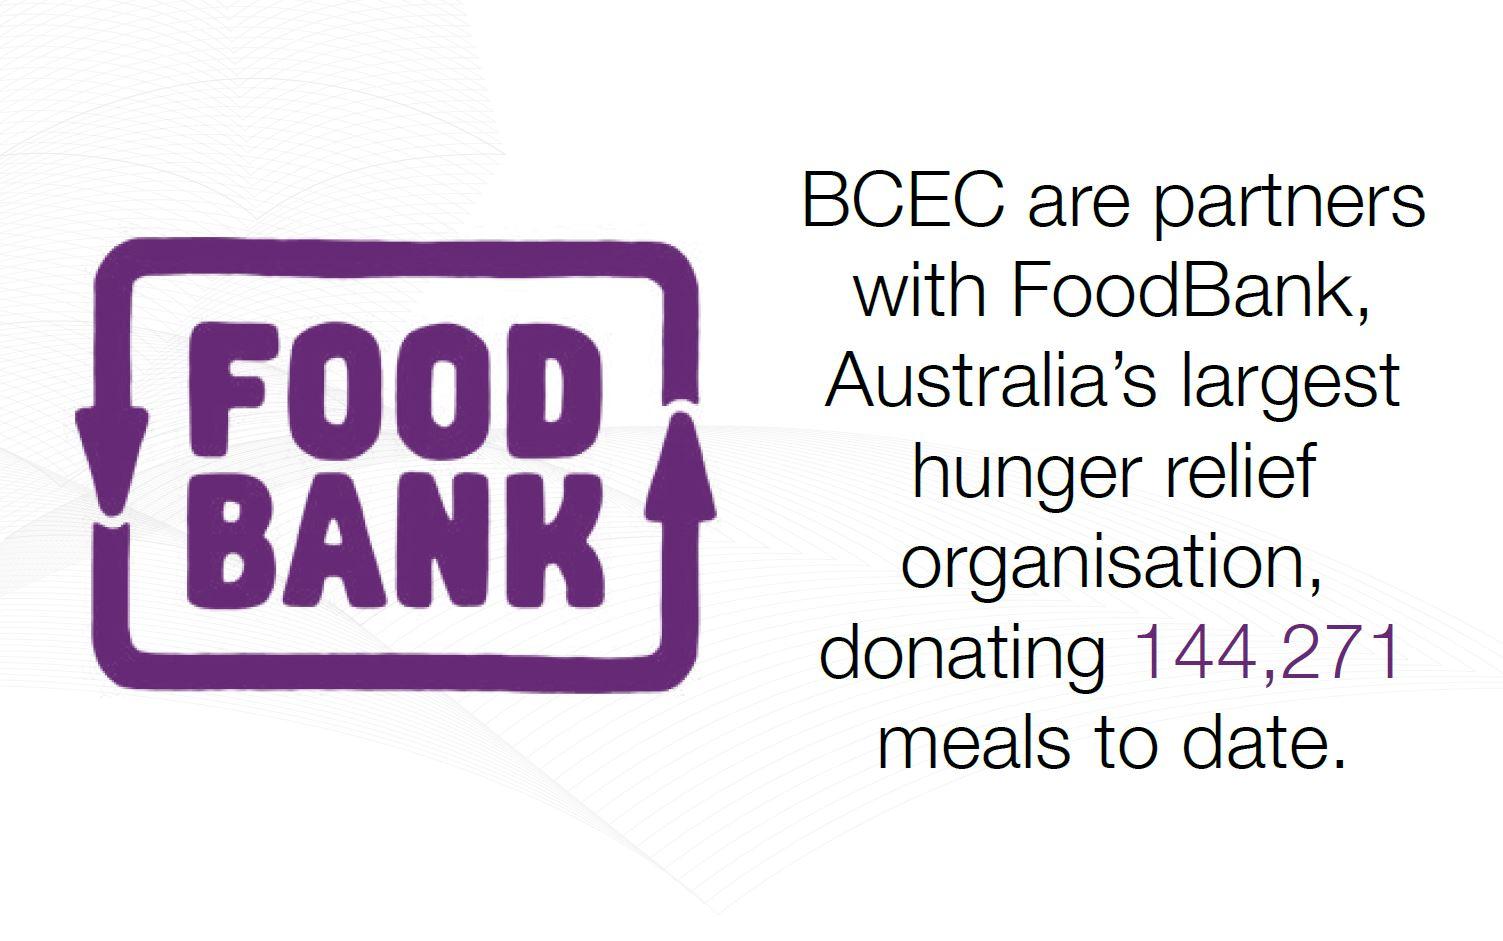 191128 BCEC_food bank